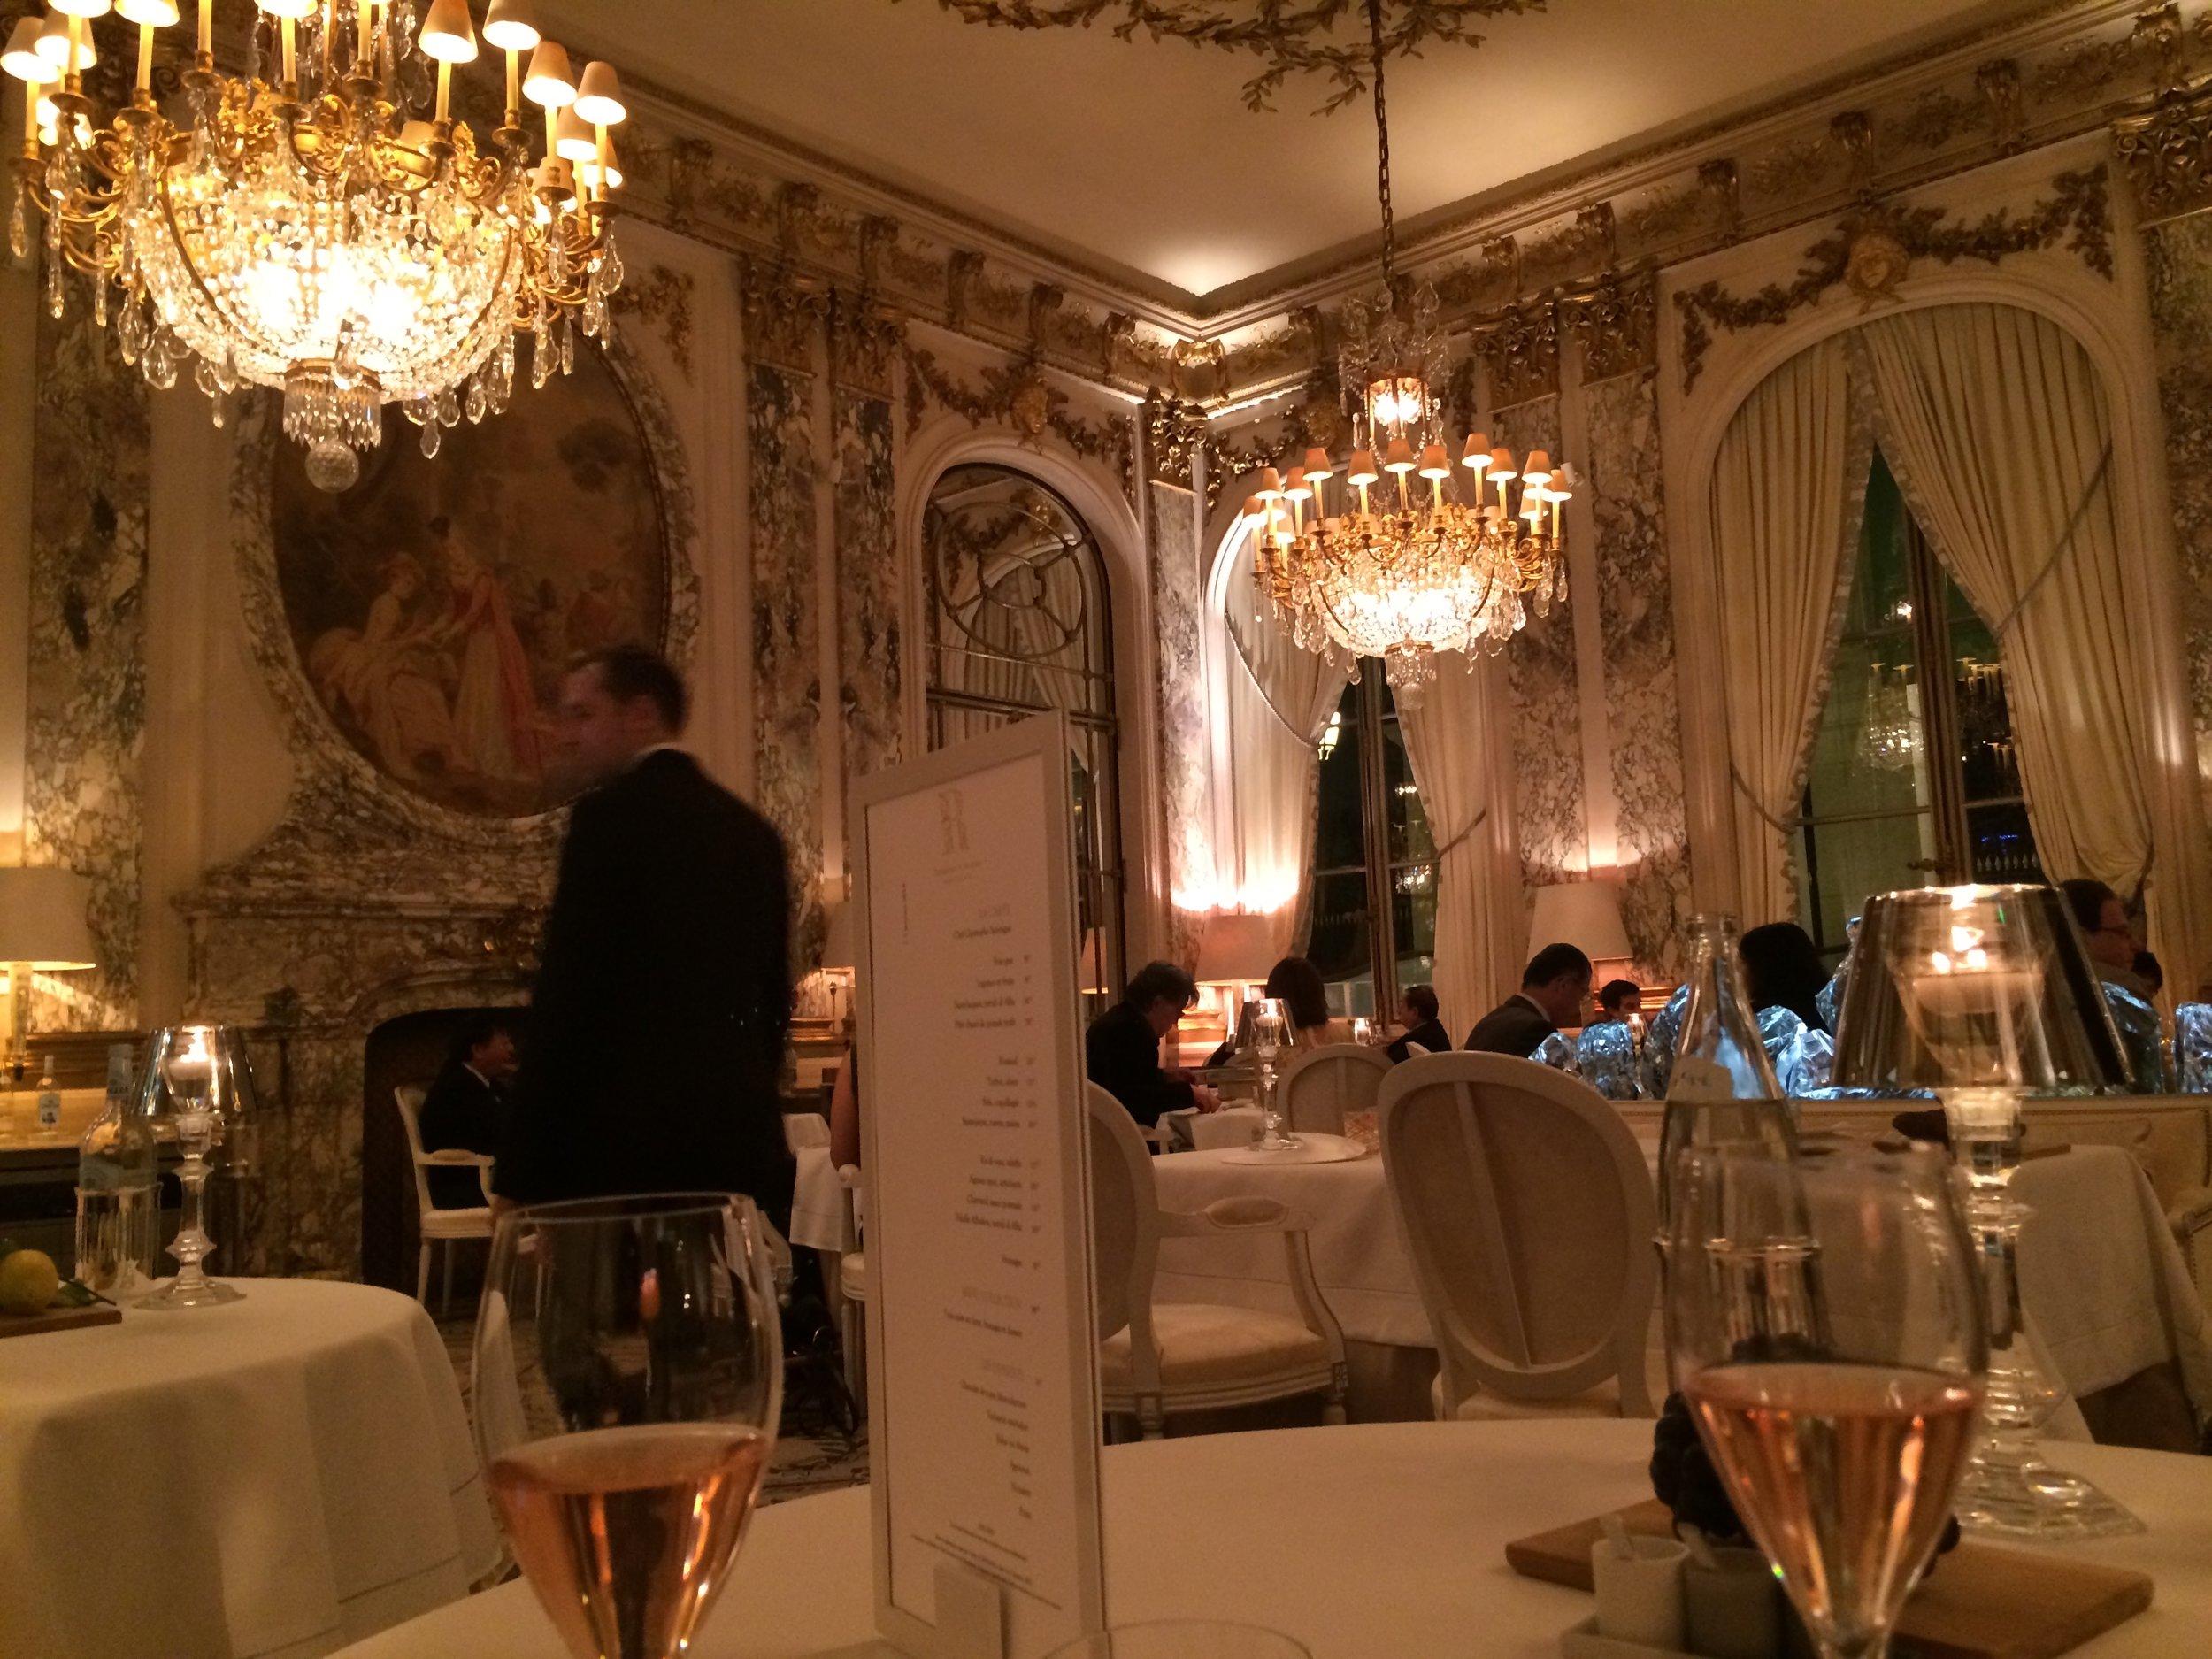 Le Meurice Dinner, December 2013